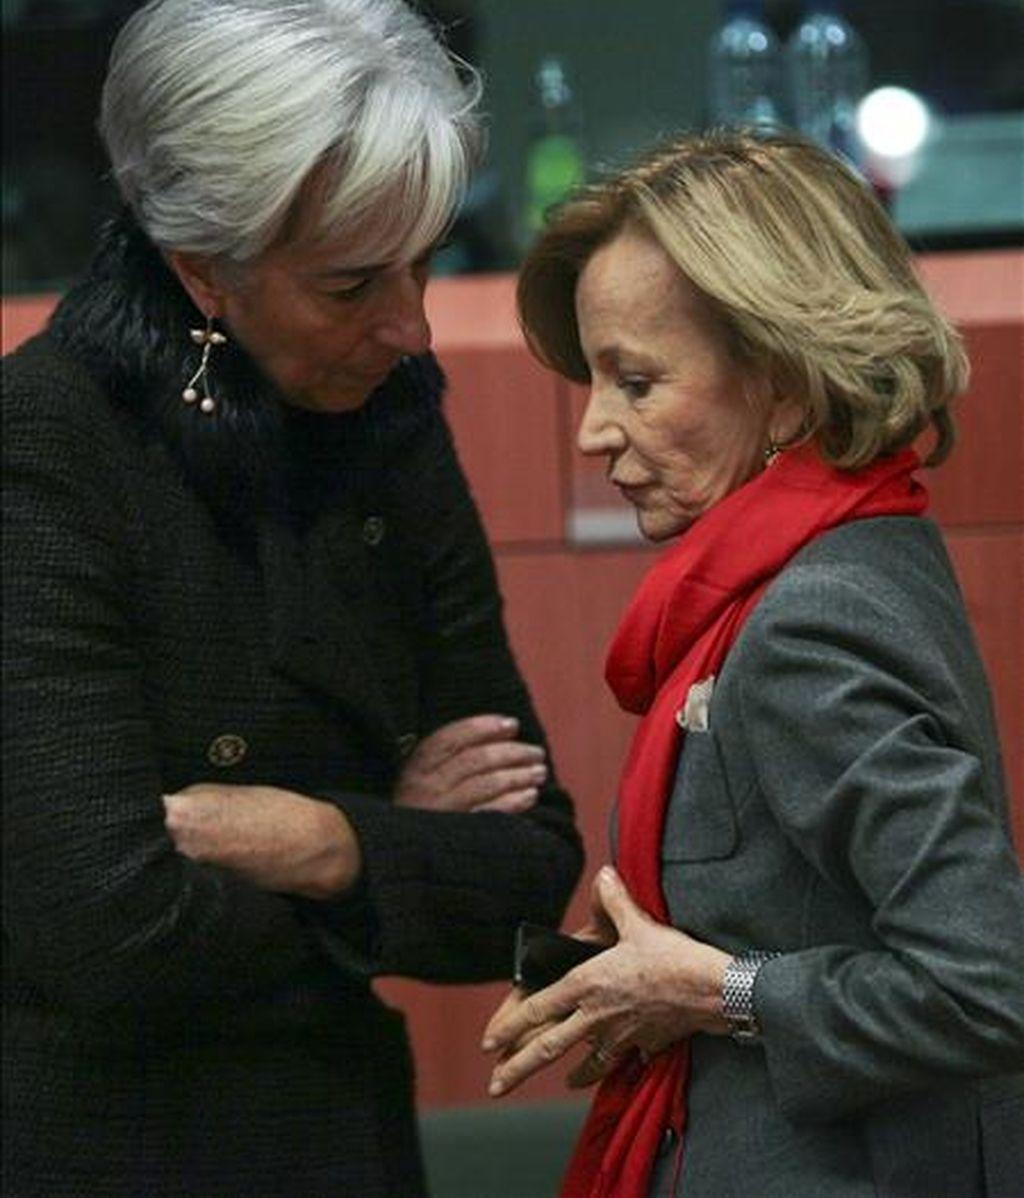 La ministra de Economía y Hacienda española, Elena Salgado (dcha) conversa con la ministra francesa de Finanzas Christine Lagarde (izda) antes del comienzo ayer de la reunión de ministros de Economía y Finanzas sobre la situación de Iralanda en la sede del Consejo Europeo en Bruselas (Bélgica). EFE